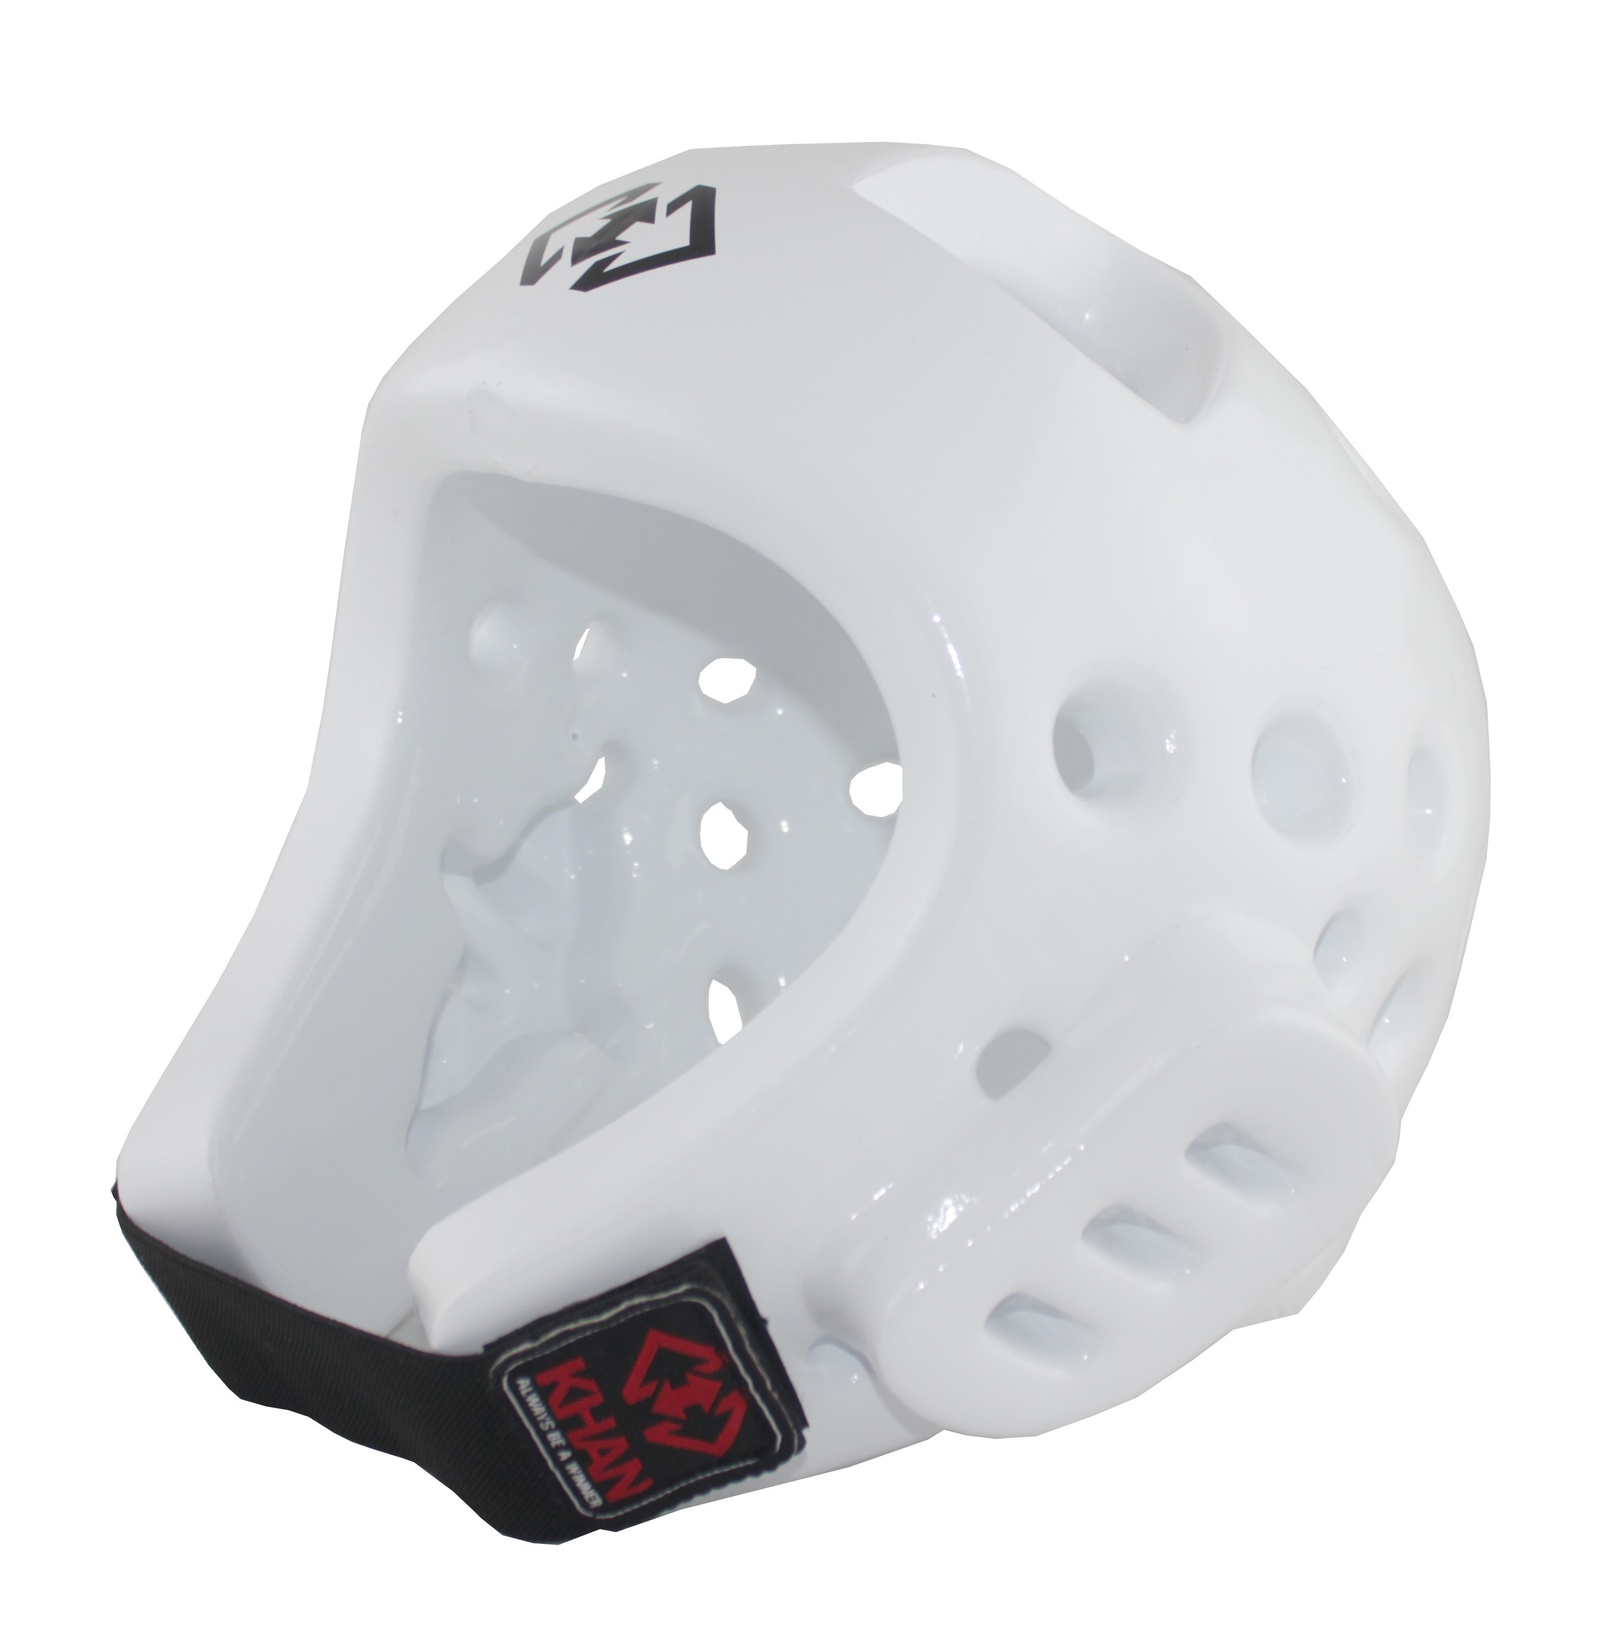 Защита головы (шлем) Khan Club белый, цвет: белый. E1106801_3. Размер M кроссовки khan белый 36 размер